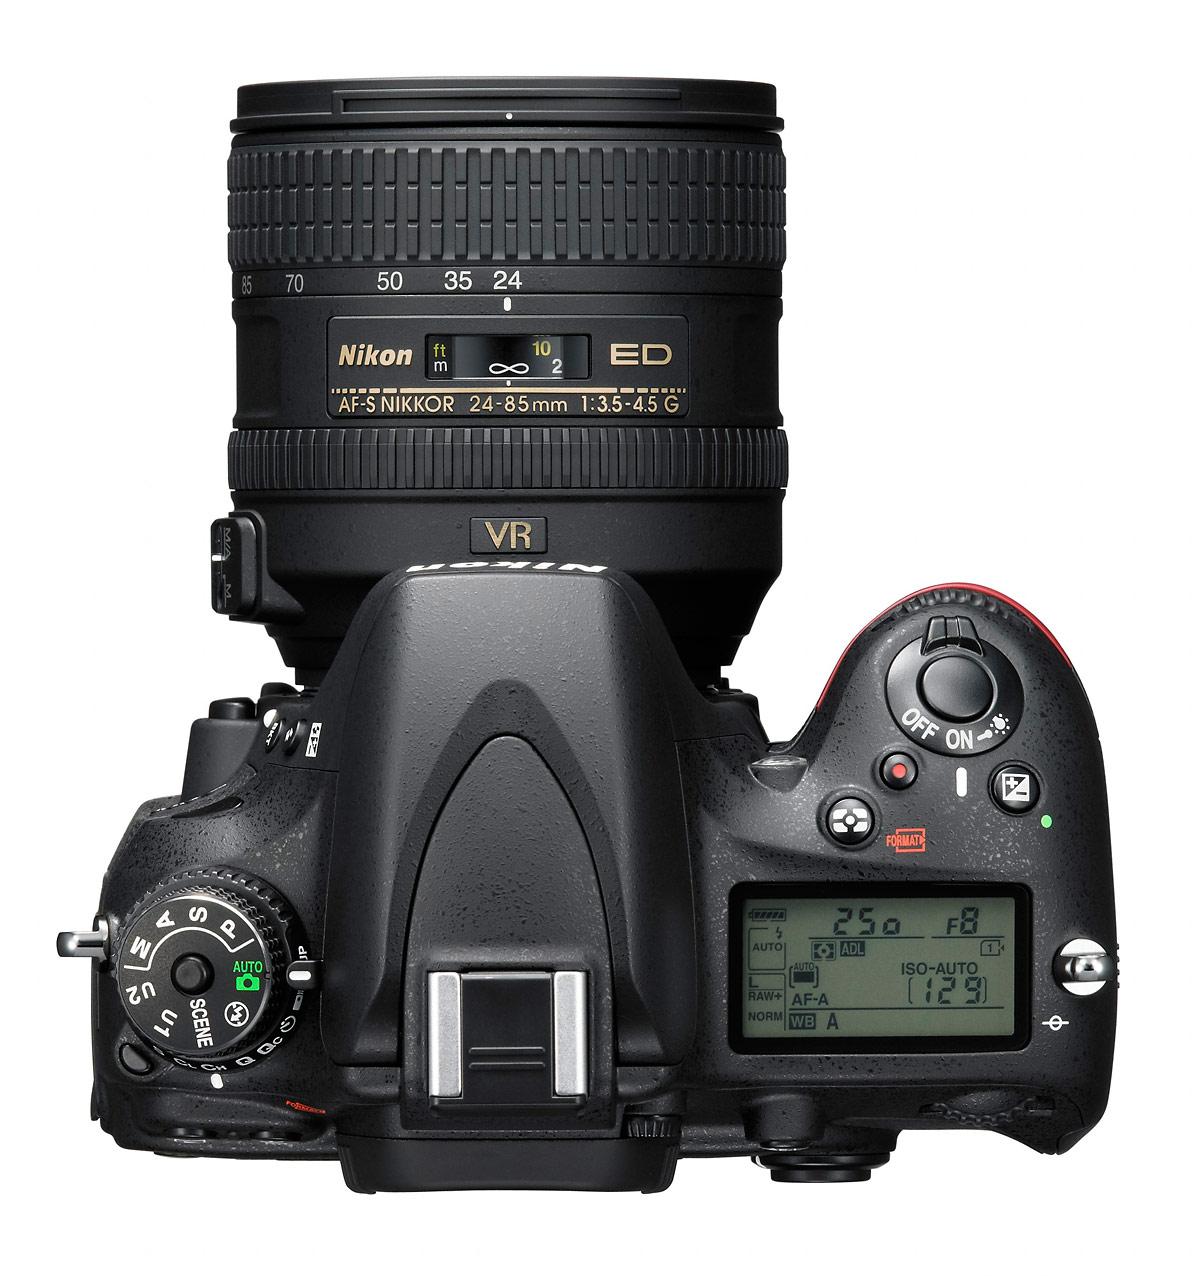 Nikon D610 DSLR - Top View With 24-85mm Lens